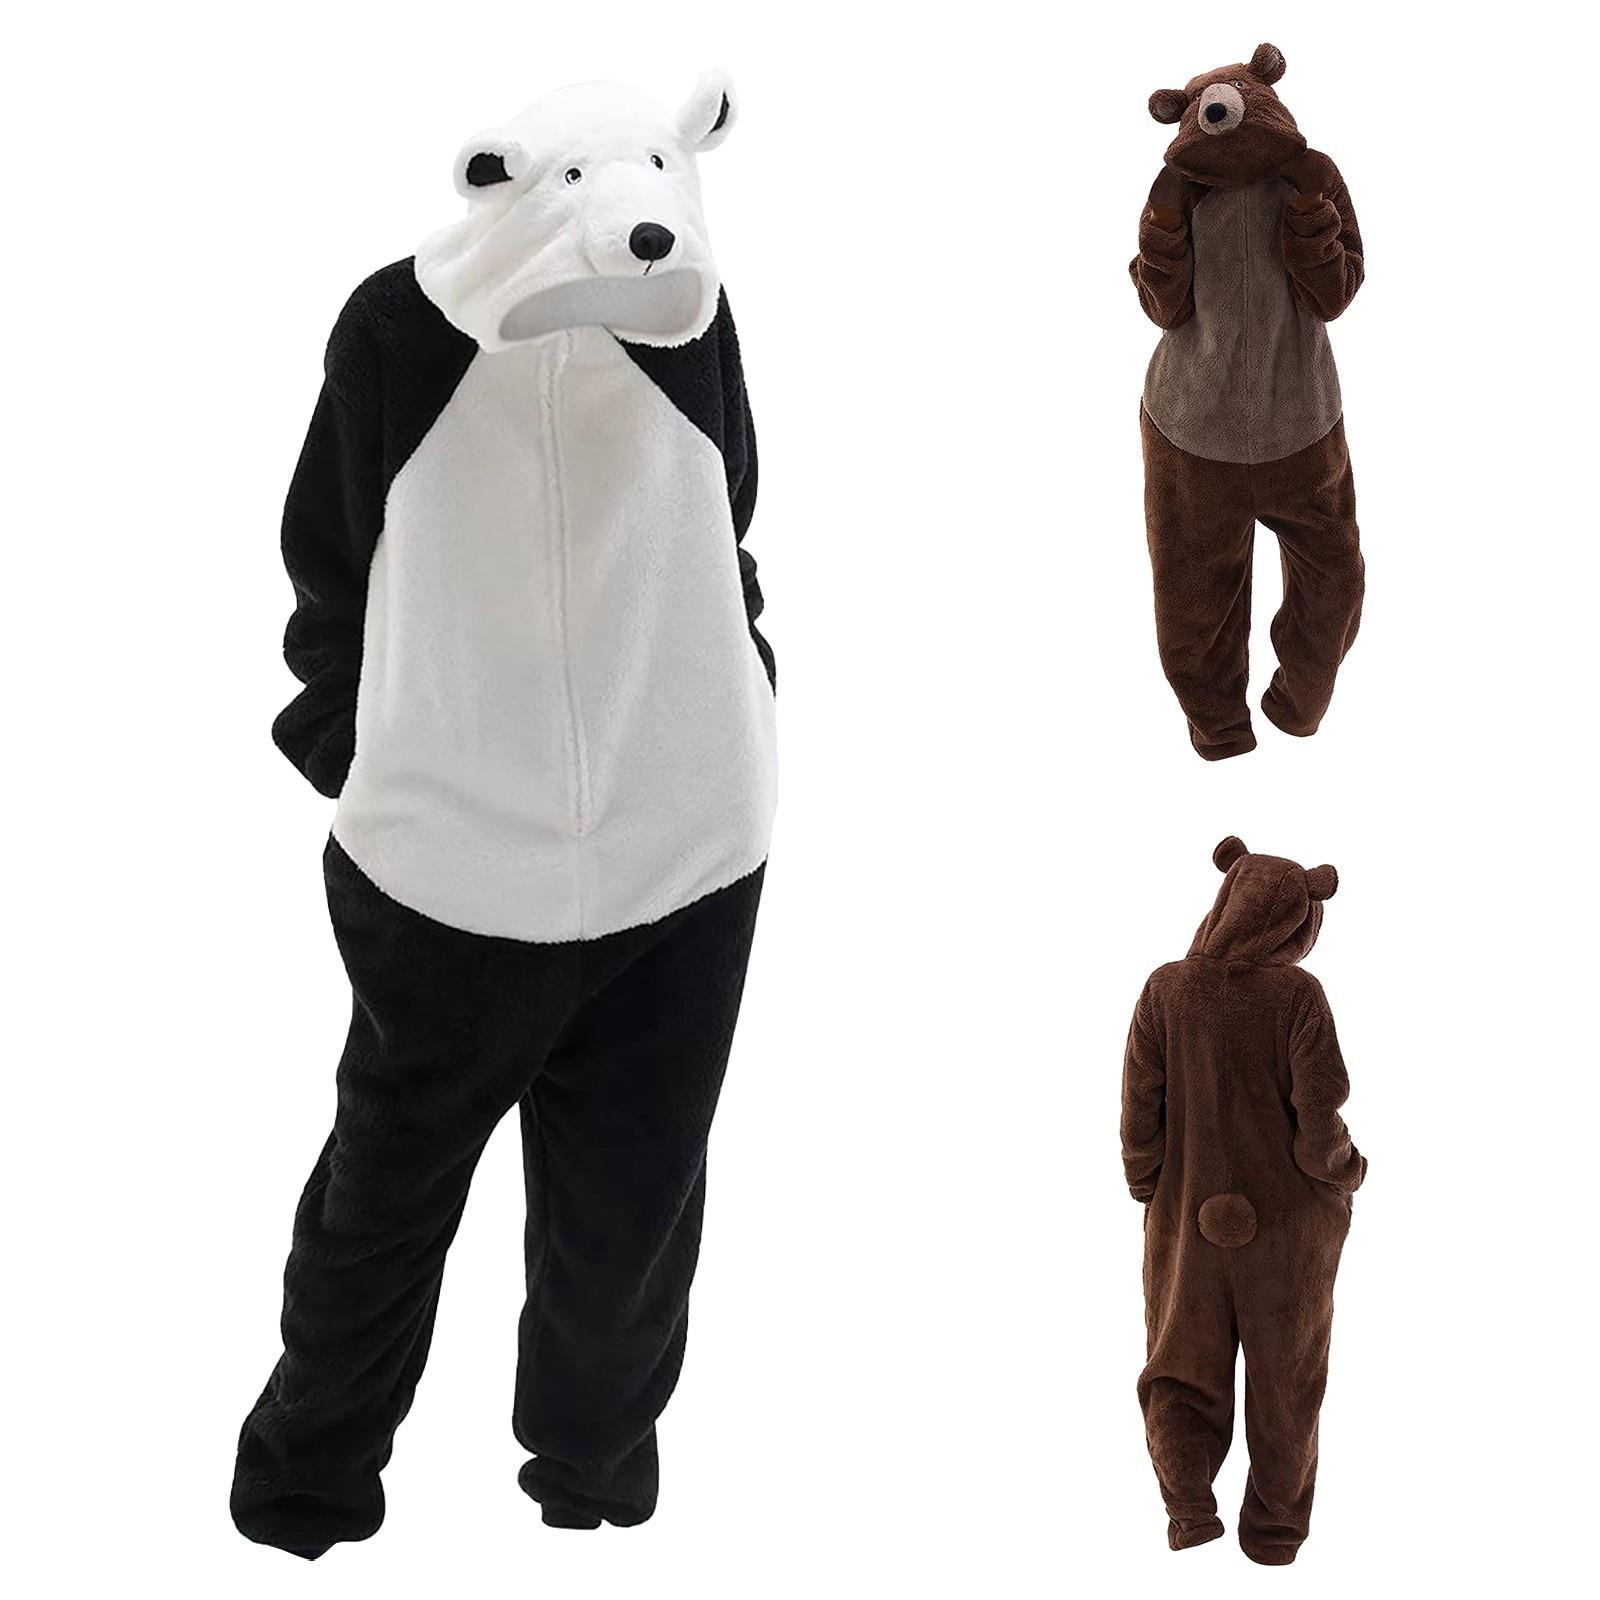 Onesies النساء بيجامات من القطيفة لطيف الباندا الدب مقنعين غامض بذلة الشتاء ملابس خاصة Homewear السروال القصير حجم كبير بيجامة صب فام